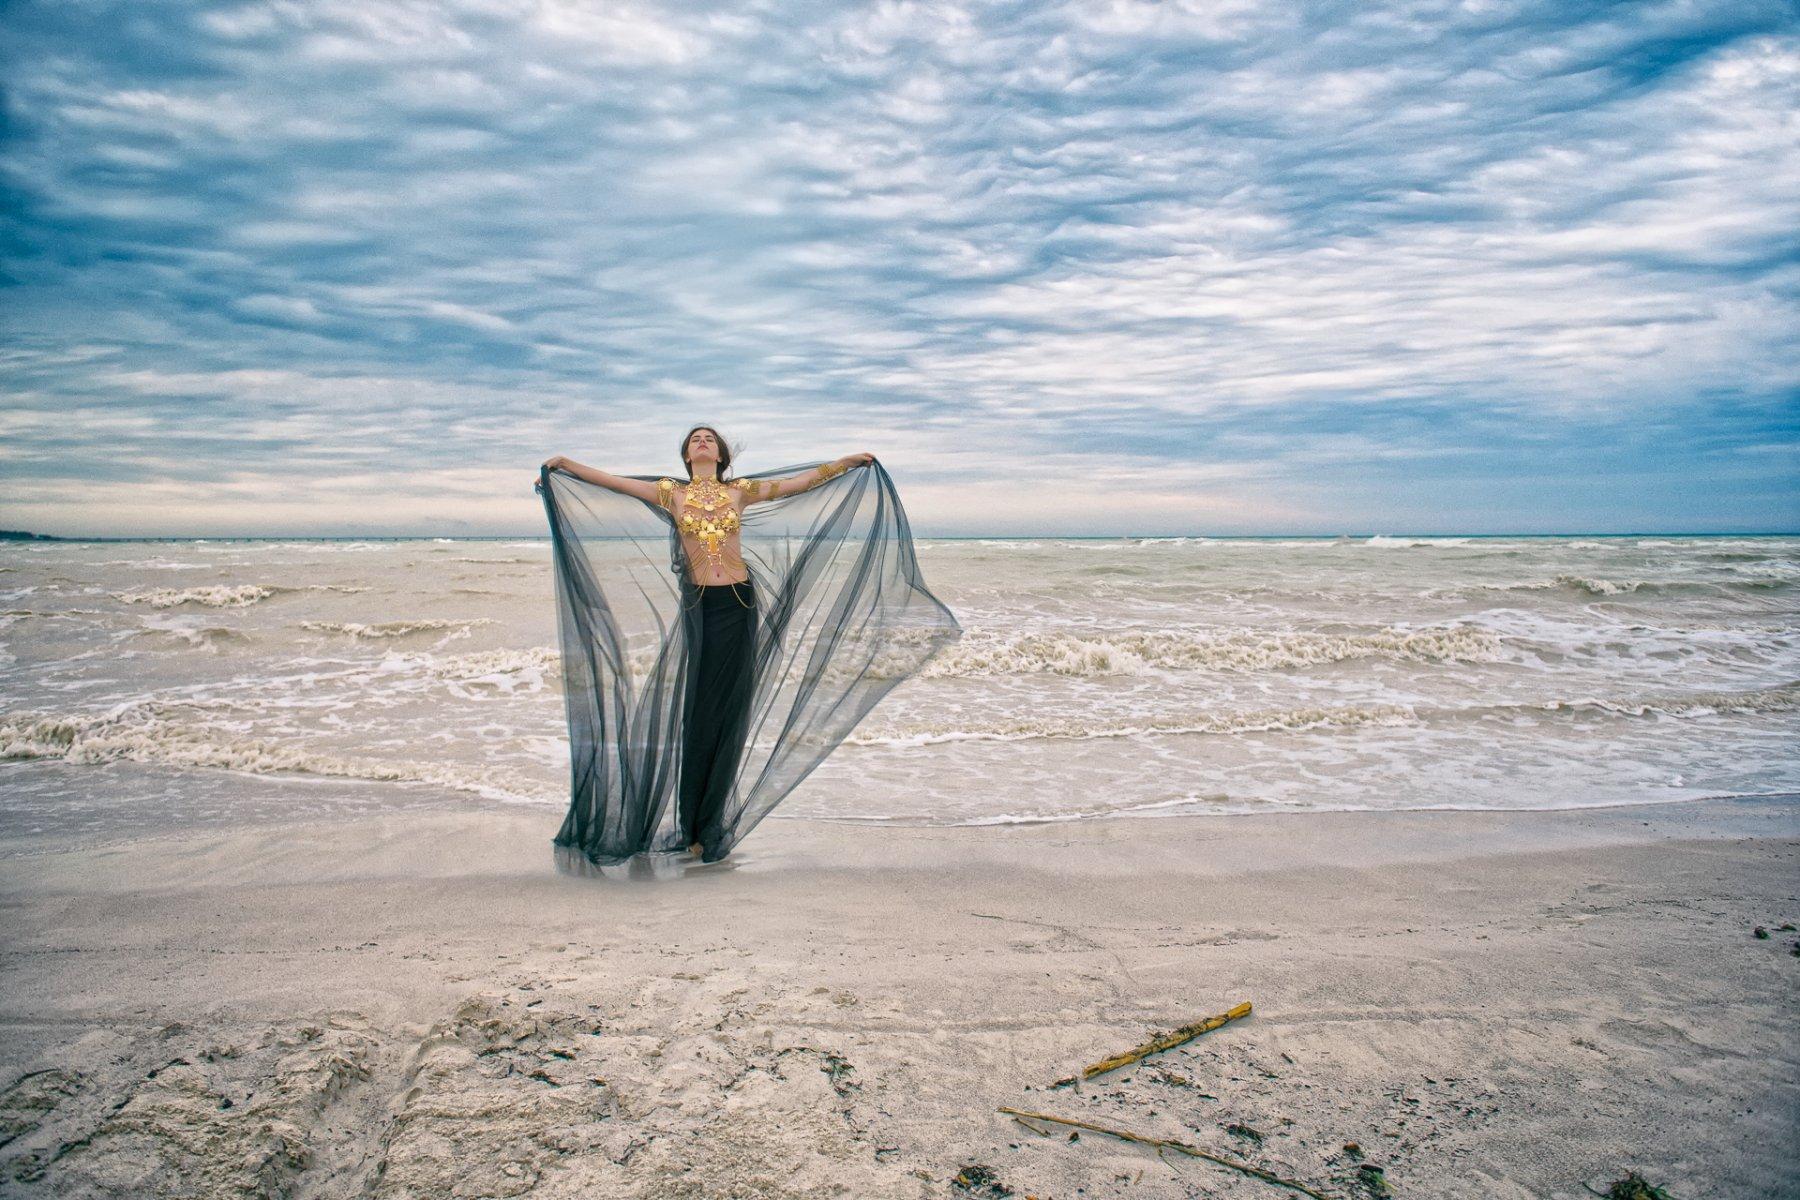 Sea-Queens-Idriss-Guelai-128 Fashion/Adv